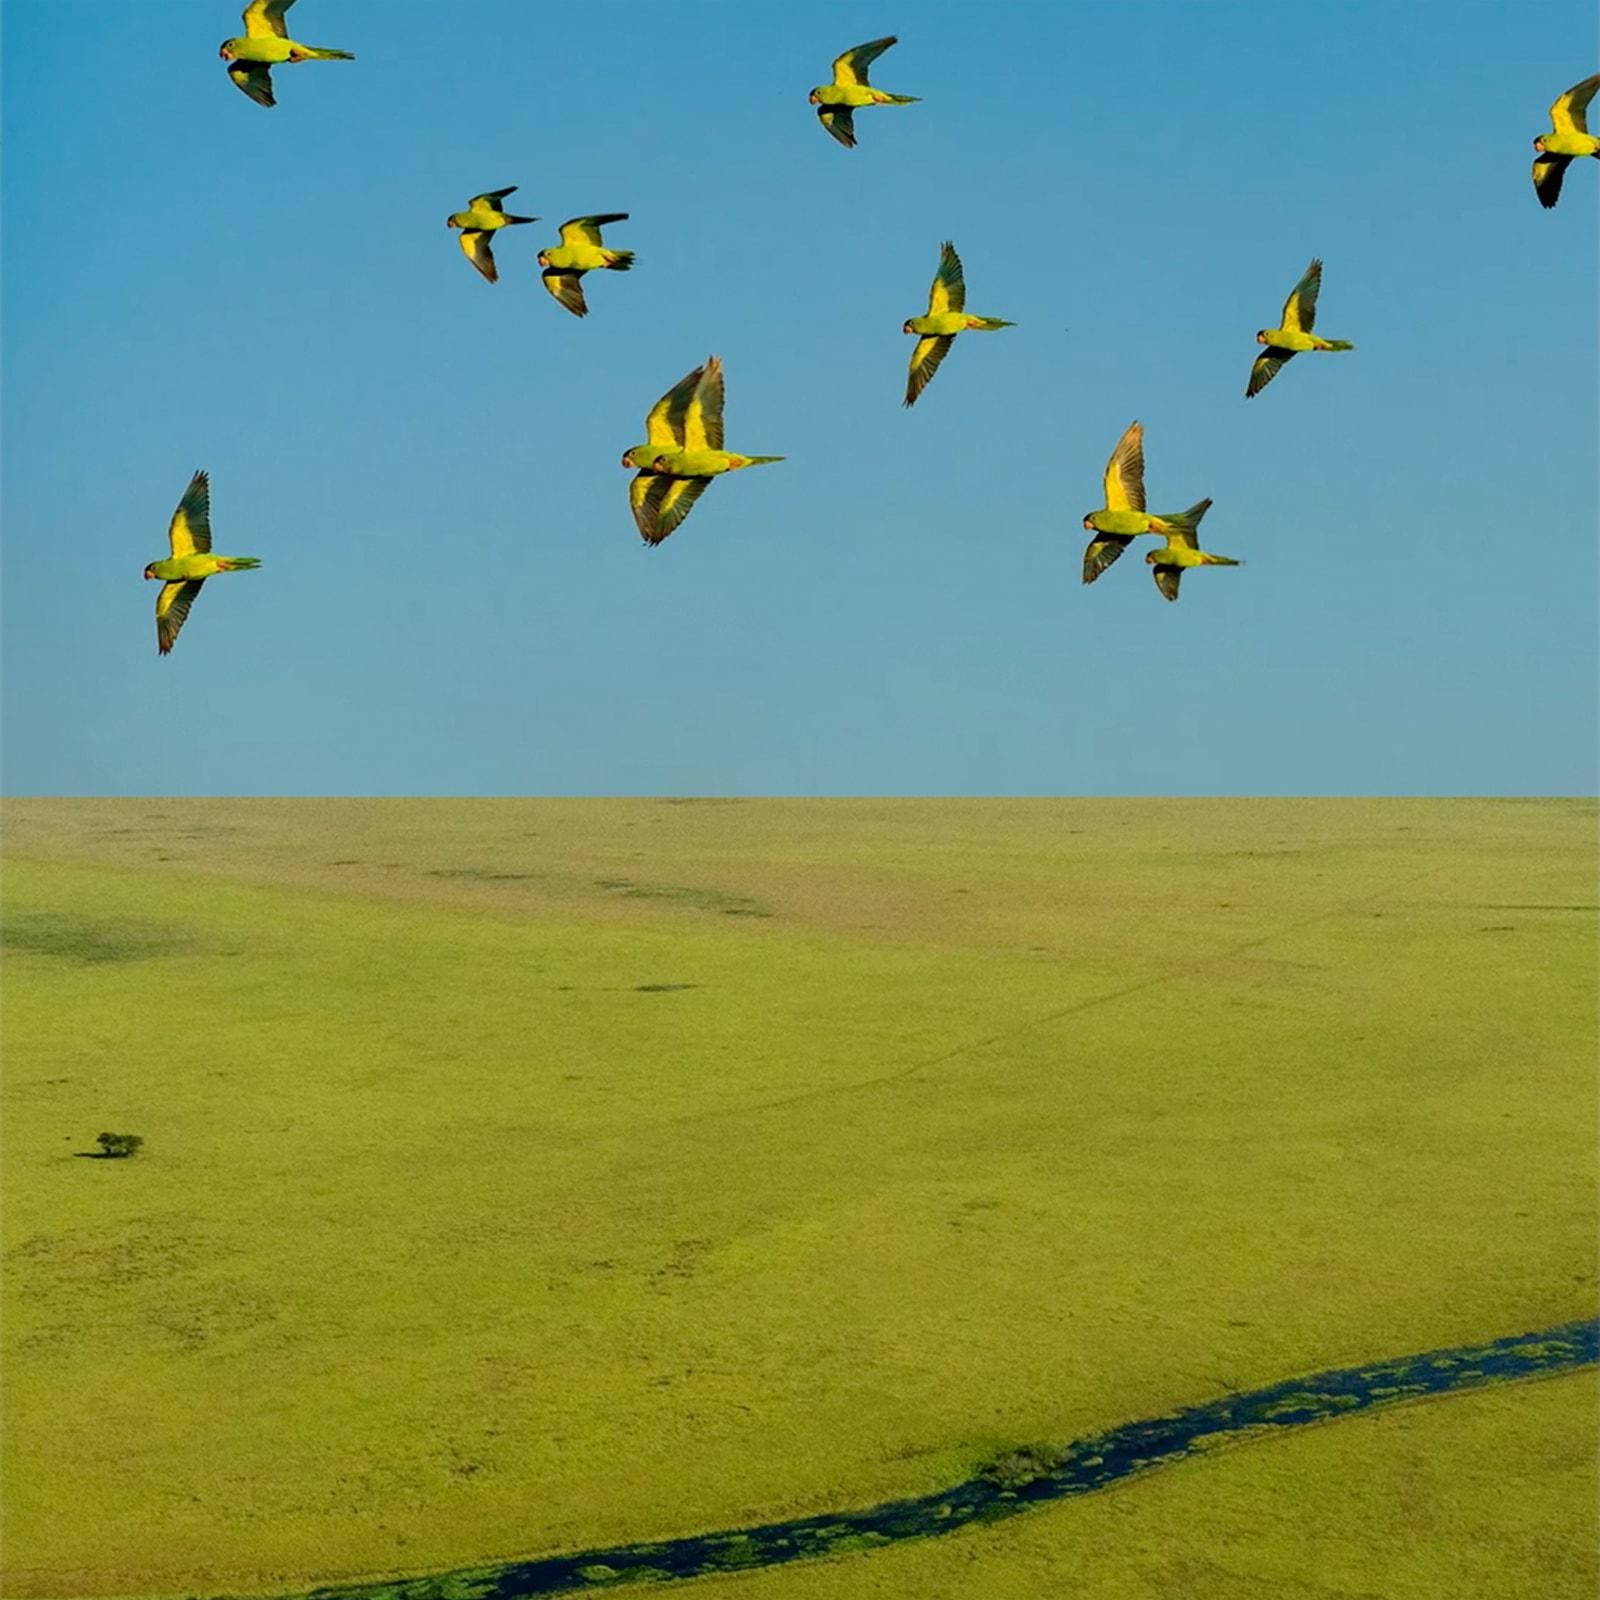 Descubra o Pantanal através do olhar de João Farkas